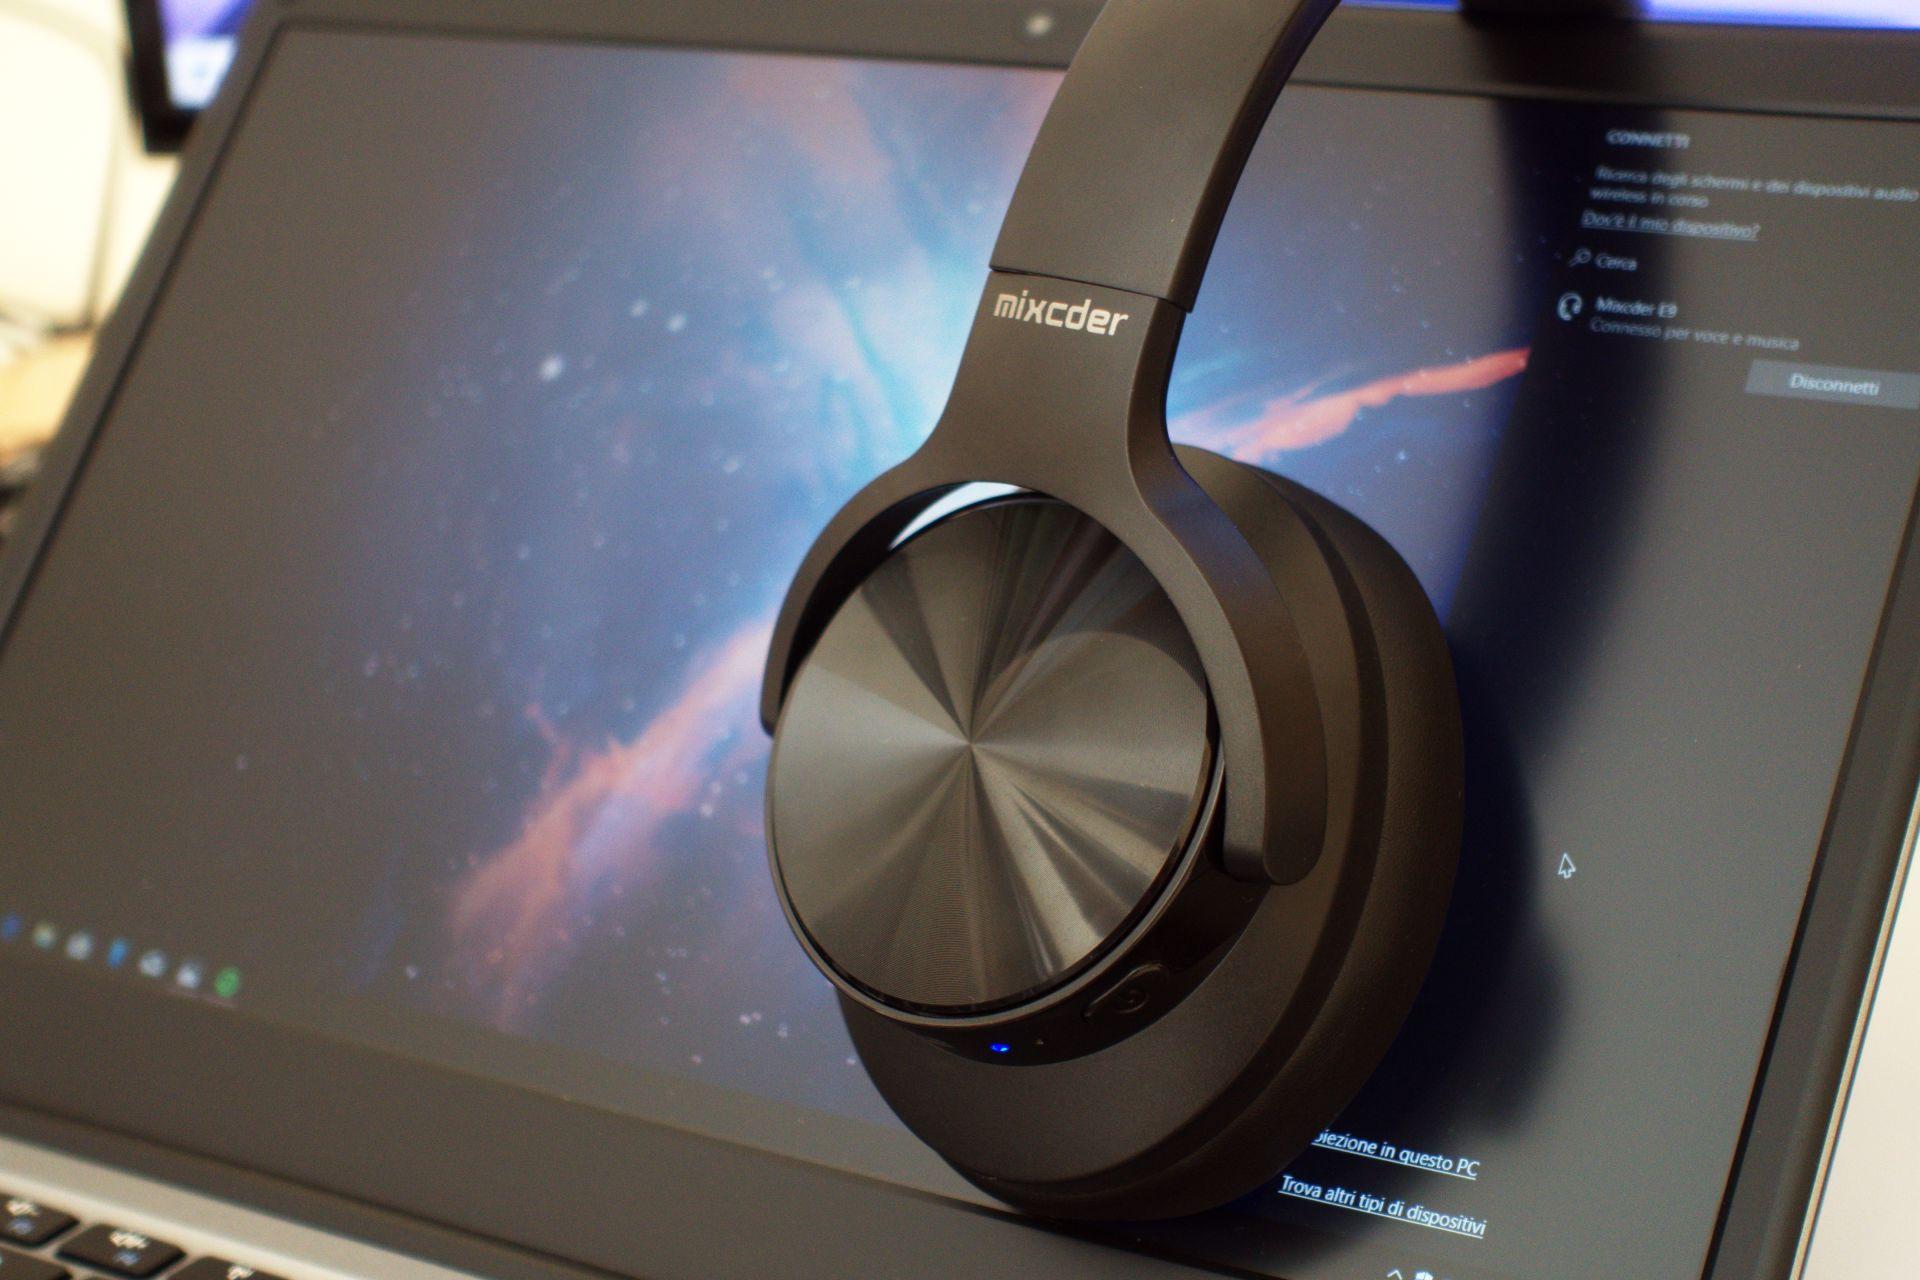 Mixceder E9 feature